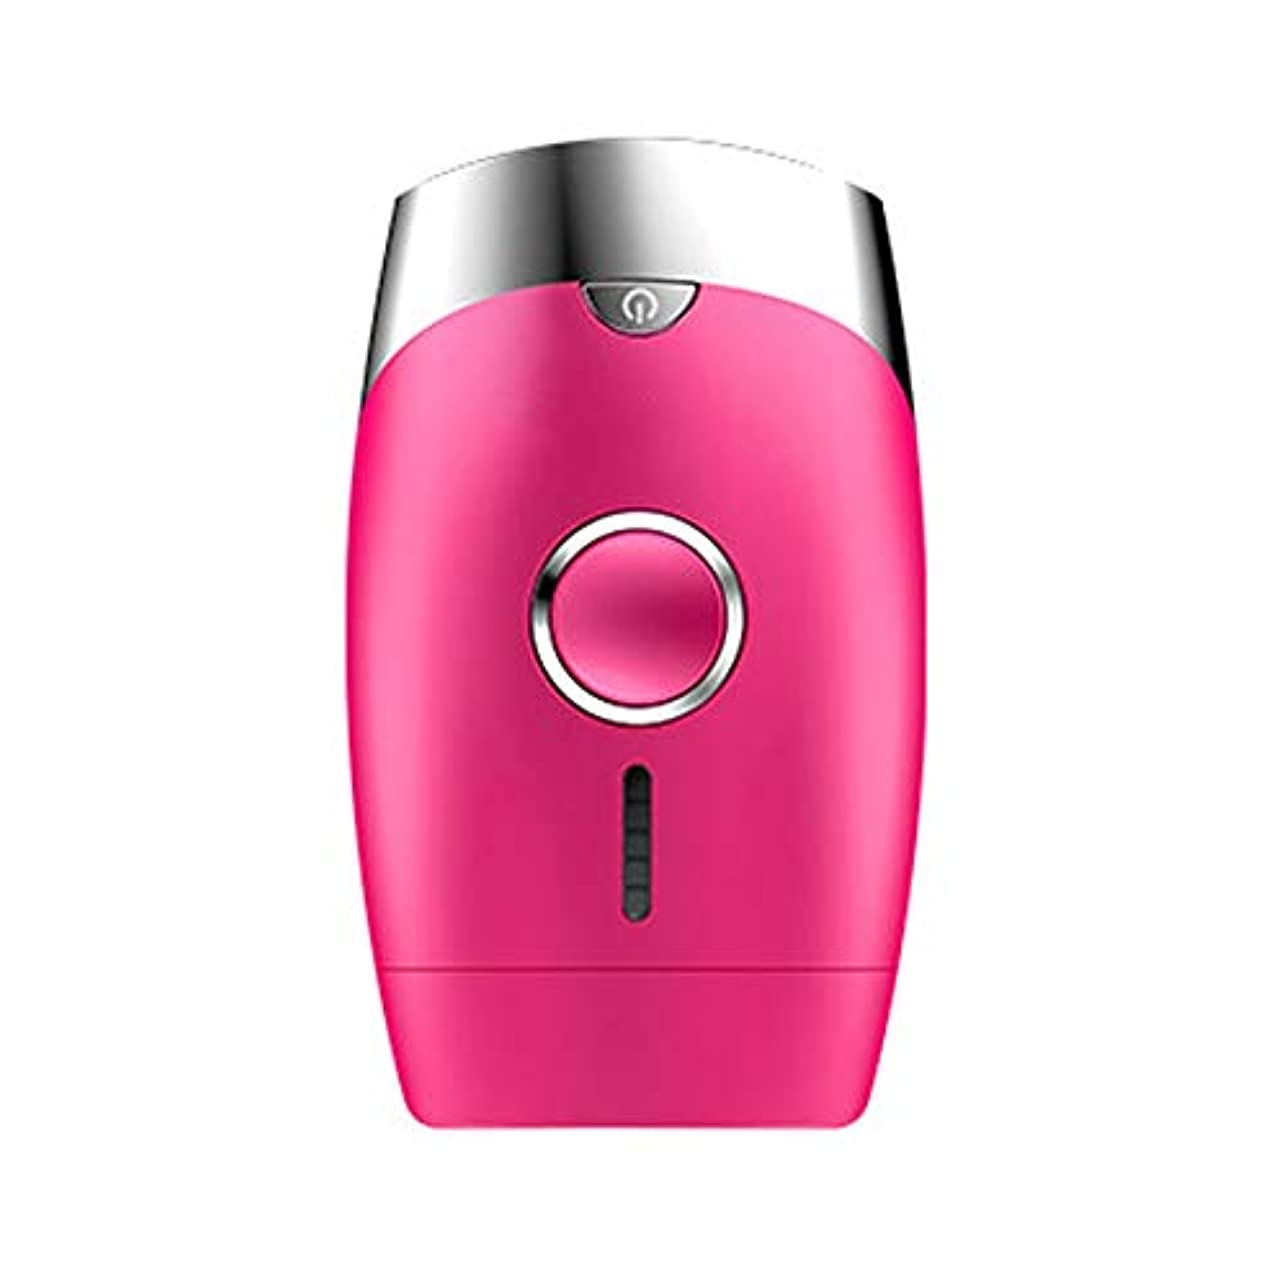 蒸気バース次へピンク、5スピード調整、インテリジェント家庭用痛みのない凝固点ヘアリムーバー、シングルフラッシュ/連続フラッシュ、サイズ13.9 X 8.3 X 4.8 Cm 安全性 (Color : Pink)